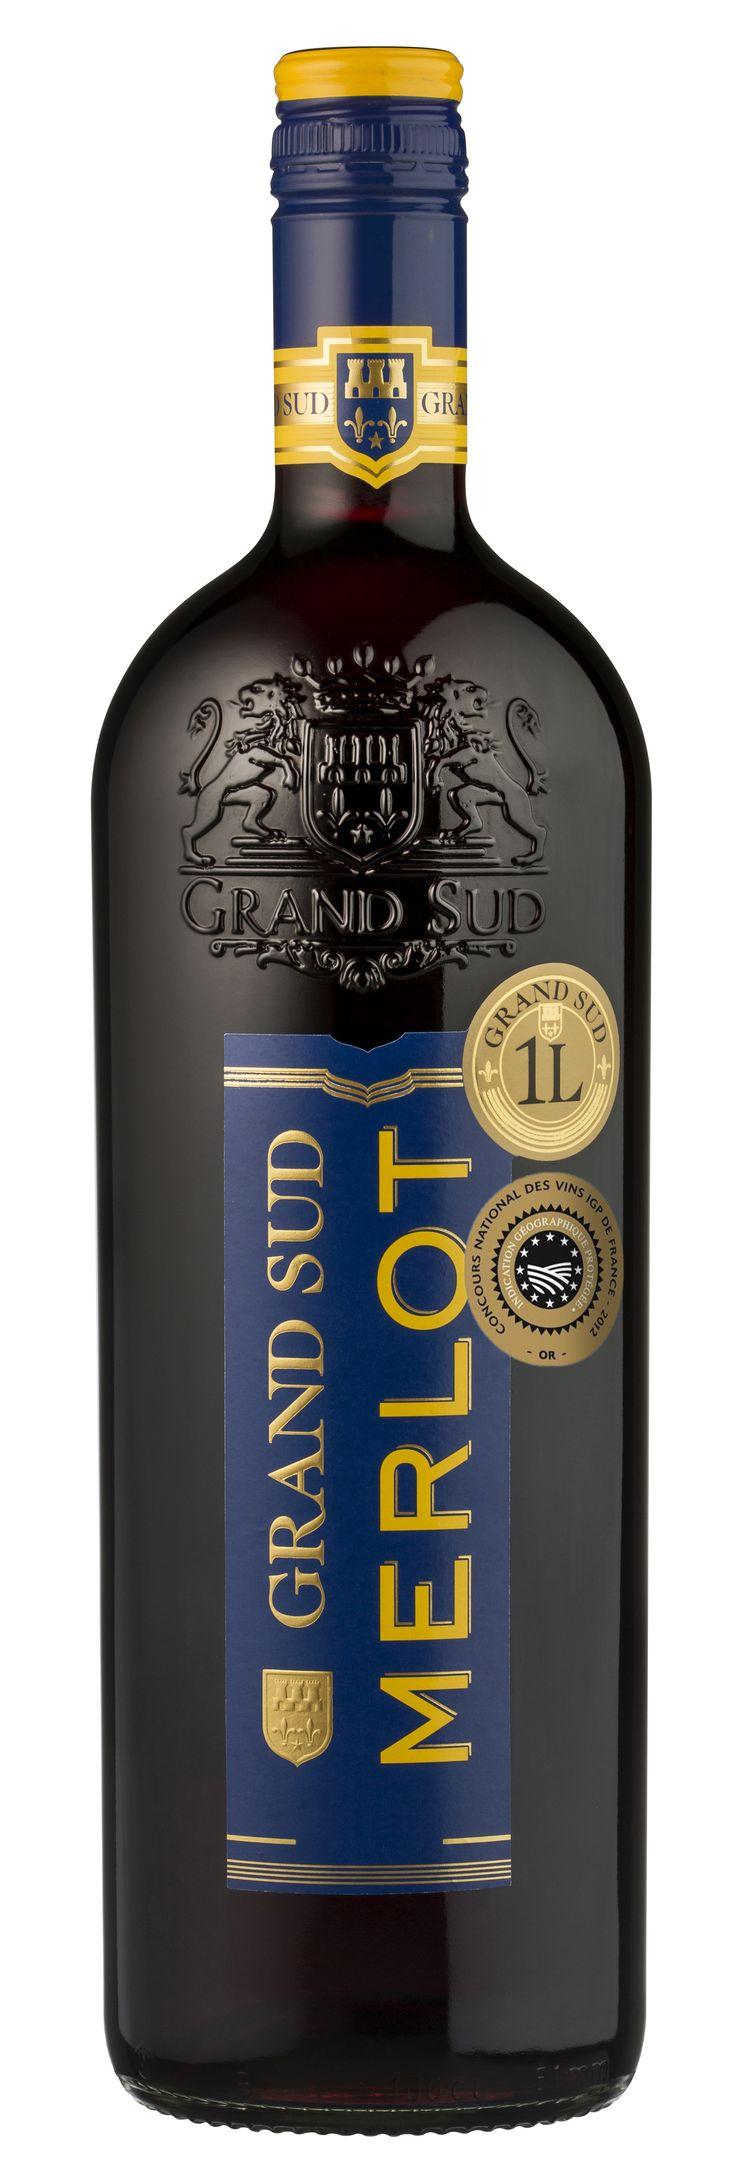 Ce #vin est le compagnon idéal de vos viandes blanches, volailles et grillades. #Merlot #GrandSud #2013